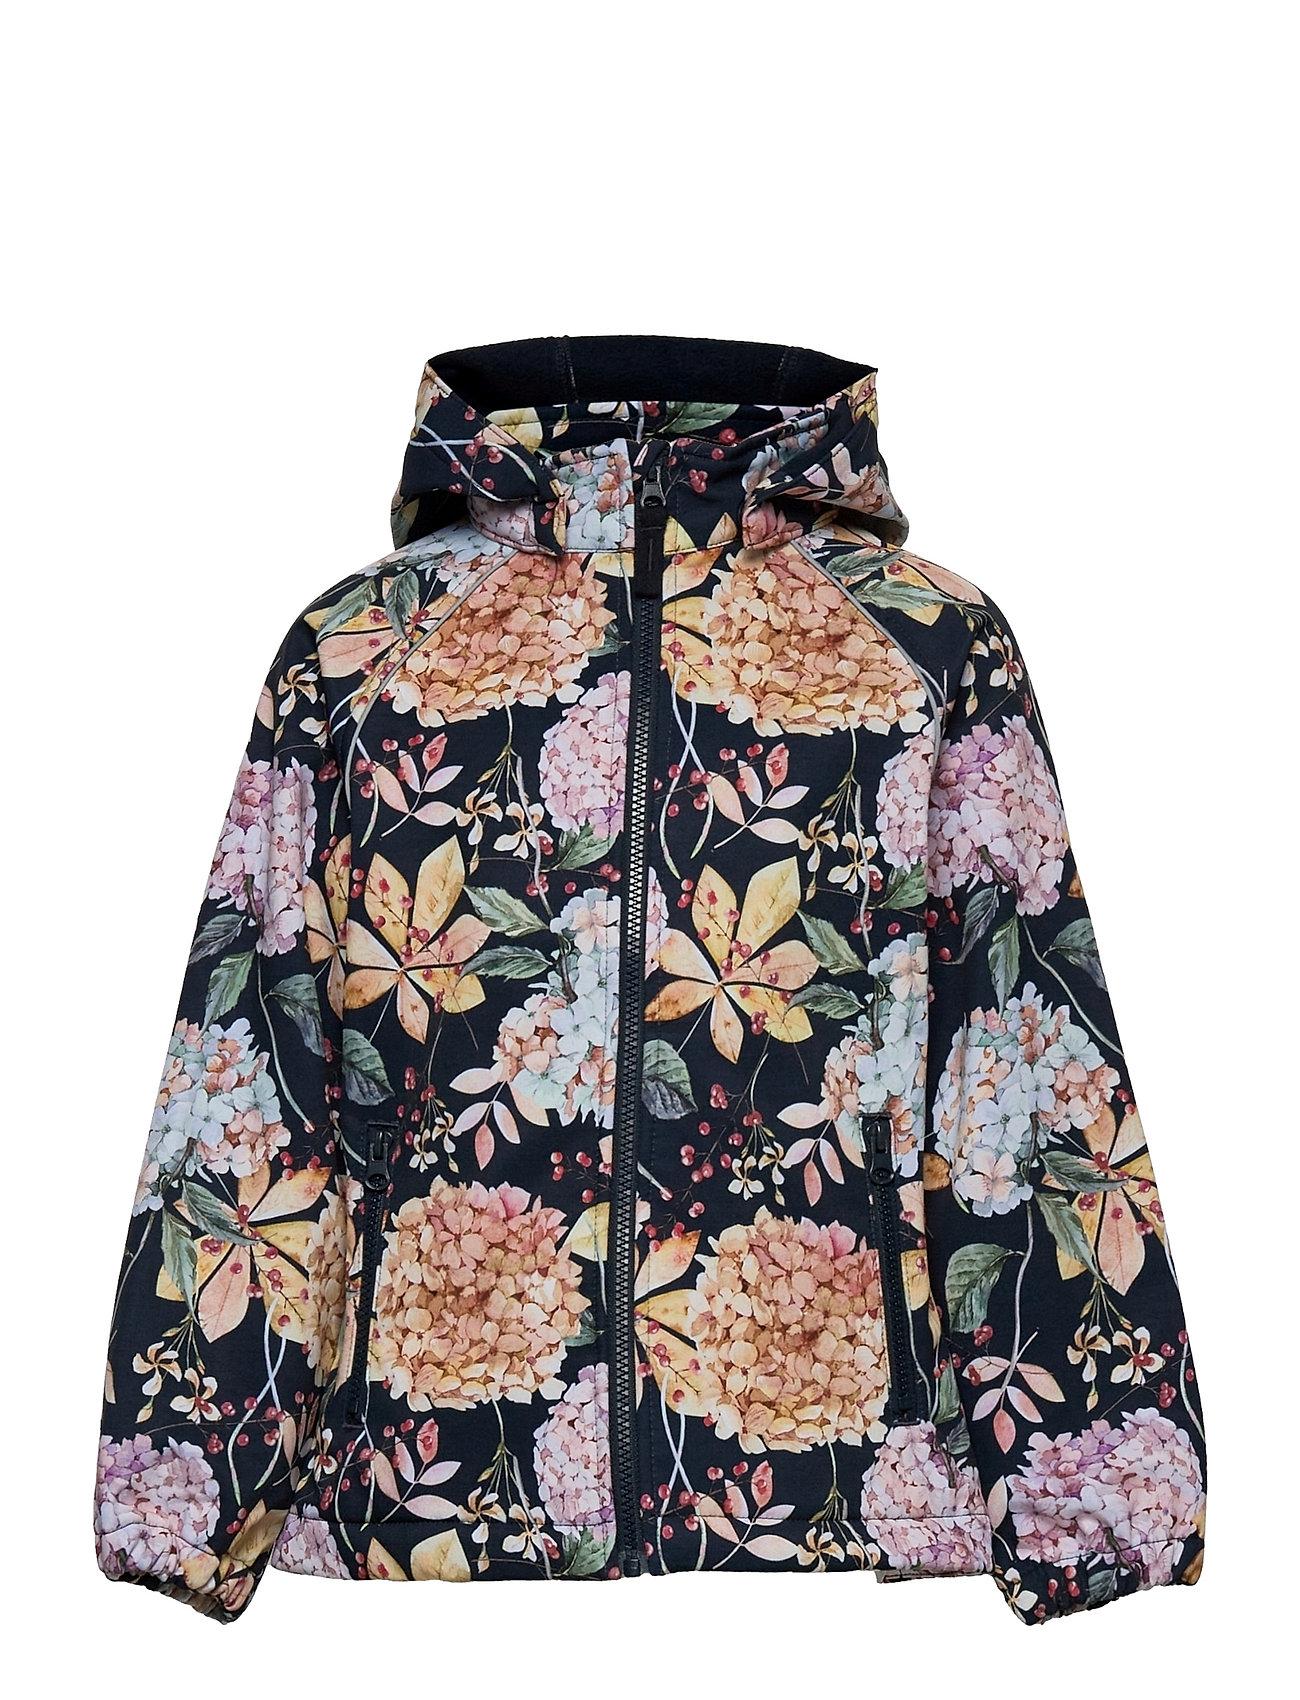 Nkfalfa Jacket Winter Flower Fo Outerwear Jackets & Coats Windbreaker Multi/mønstret Name It